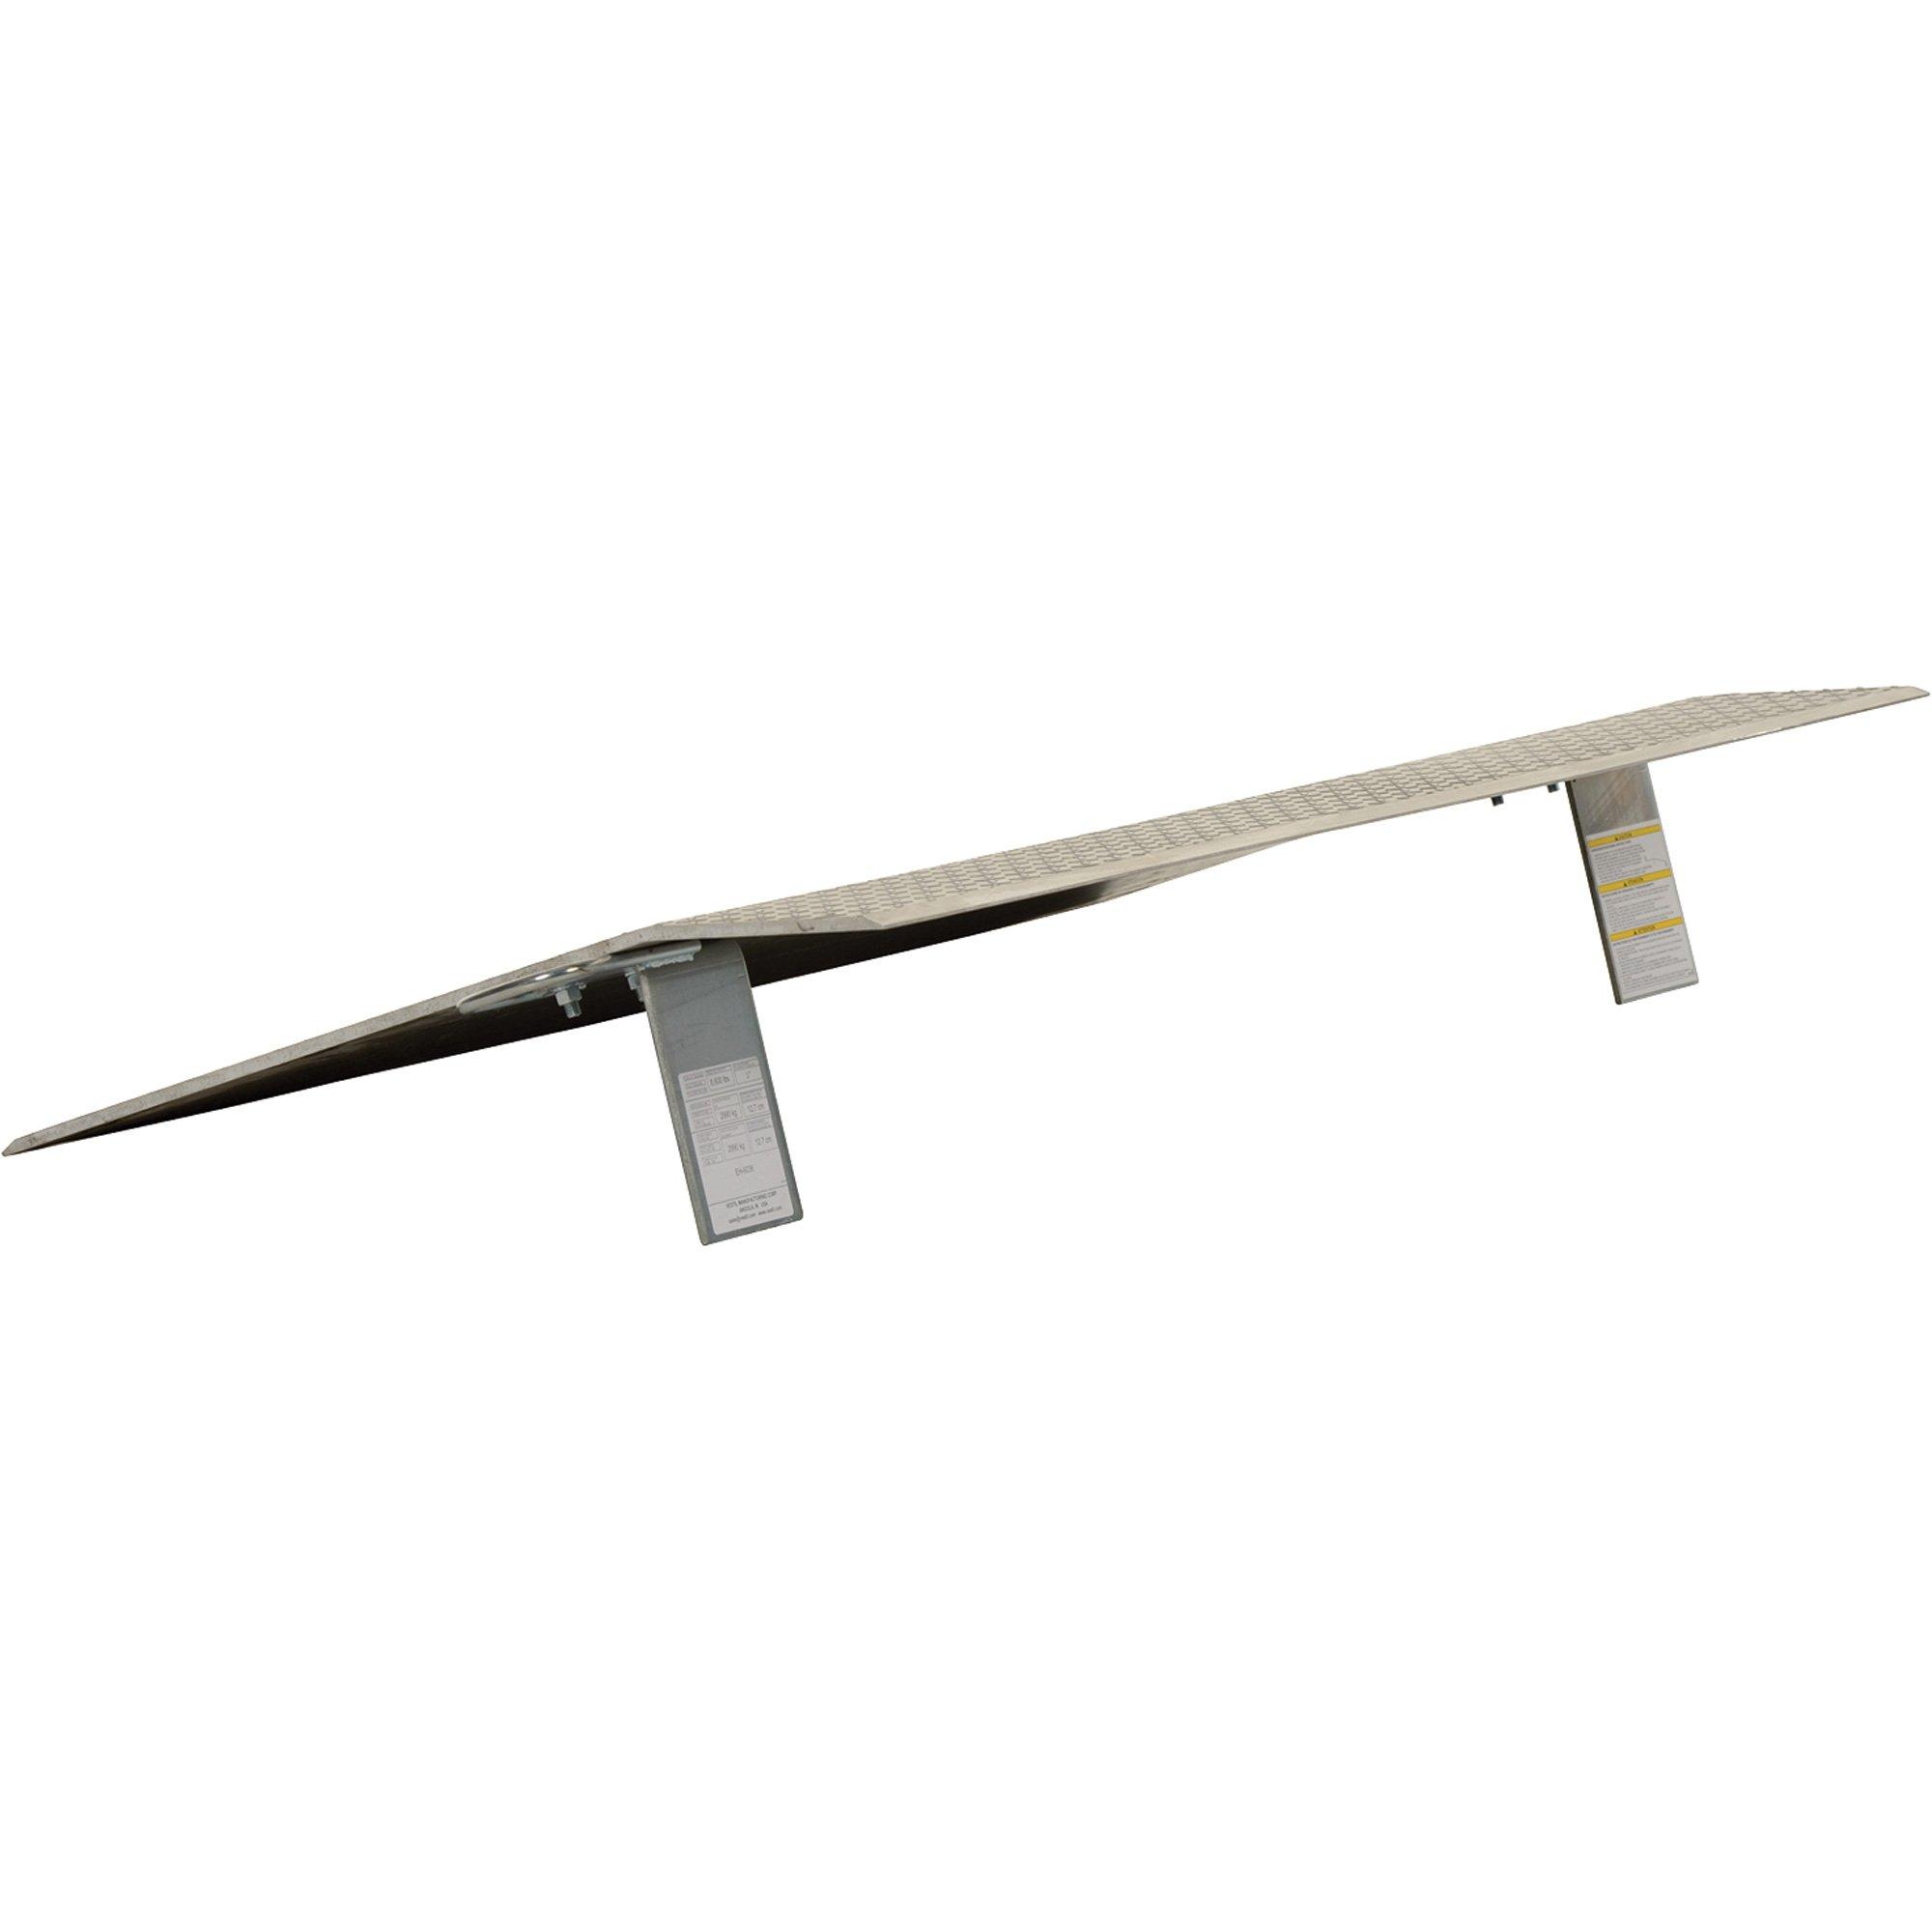 Vestil Economizer Dockplate - Aluminum, 7,800-lb. Capacity, 30in.L x 60in.W, Model# EH-6030